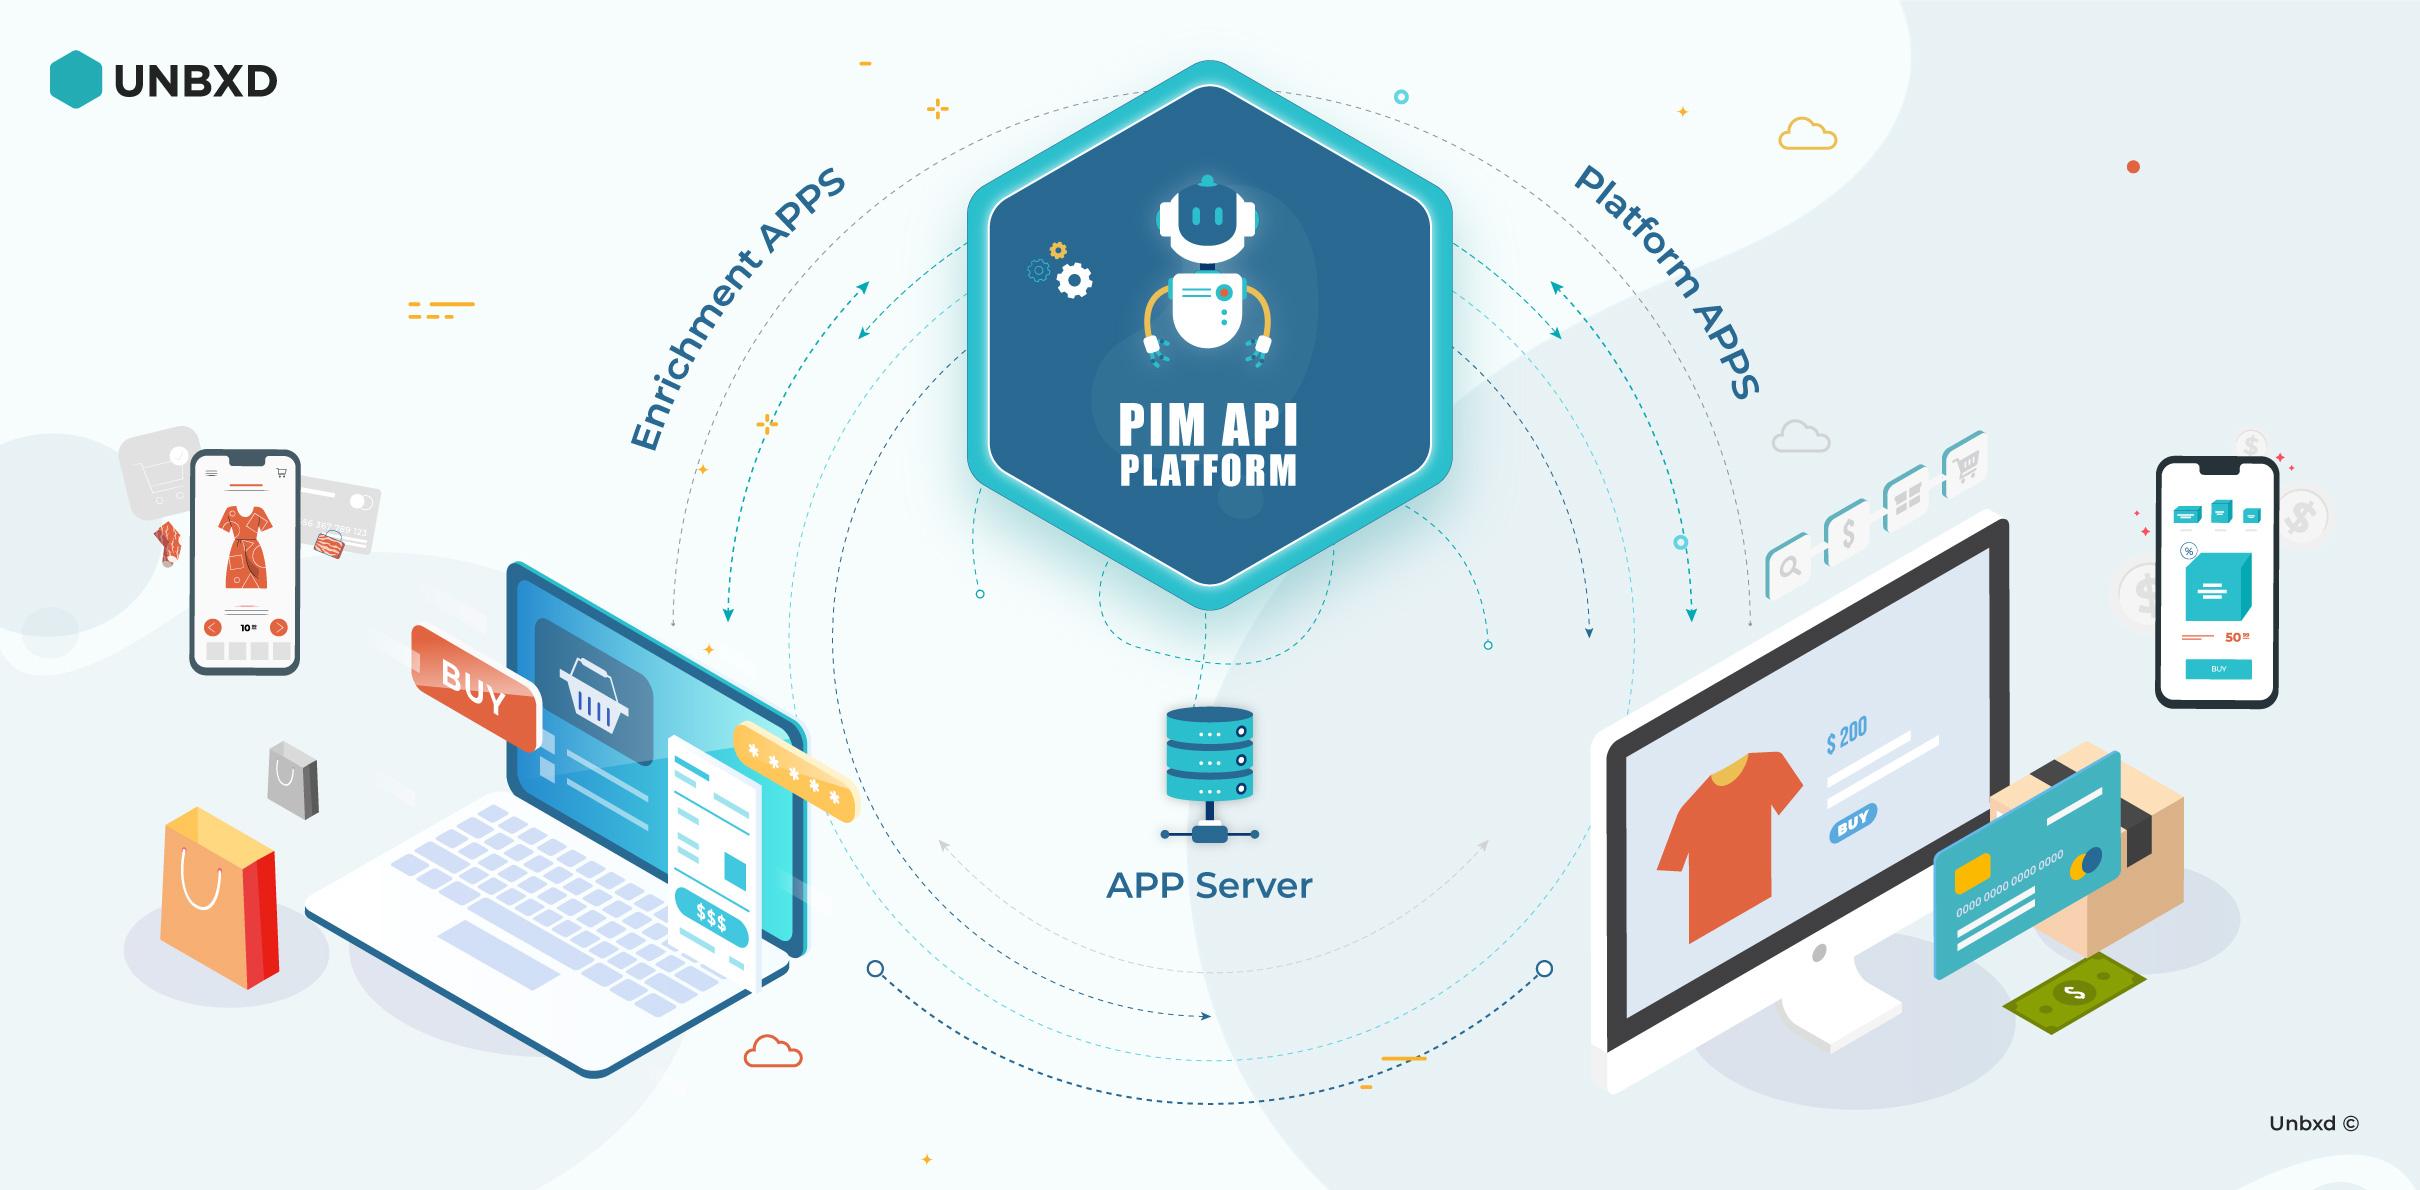 Unbxd PIM API Platform